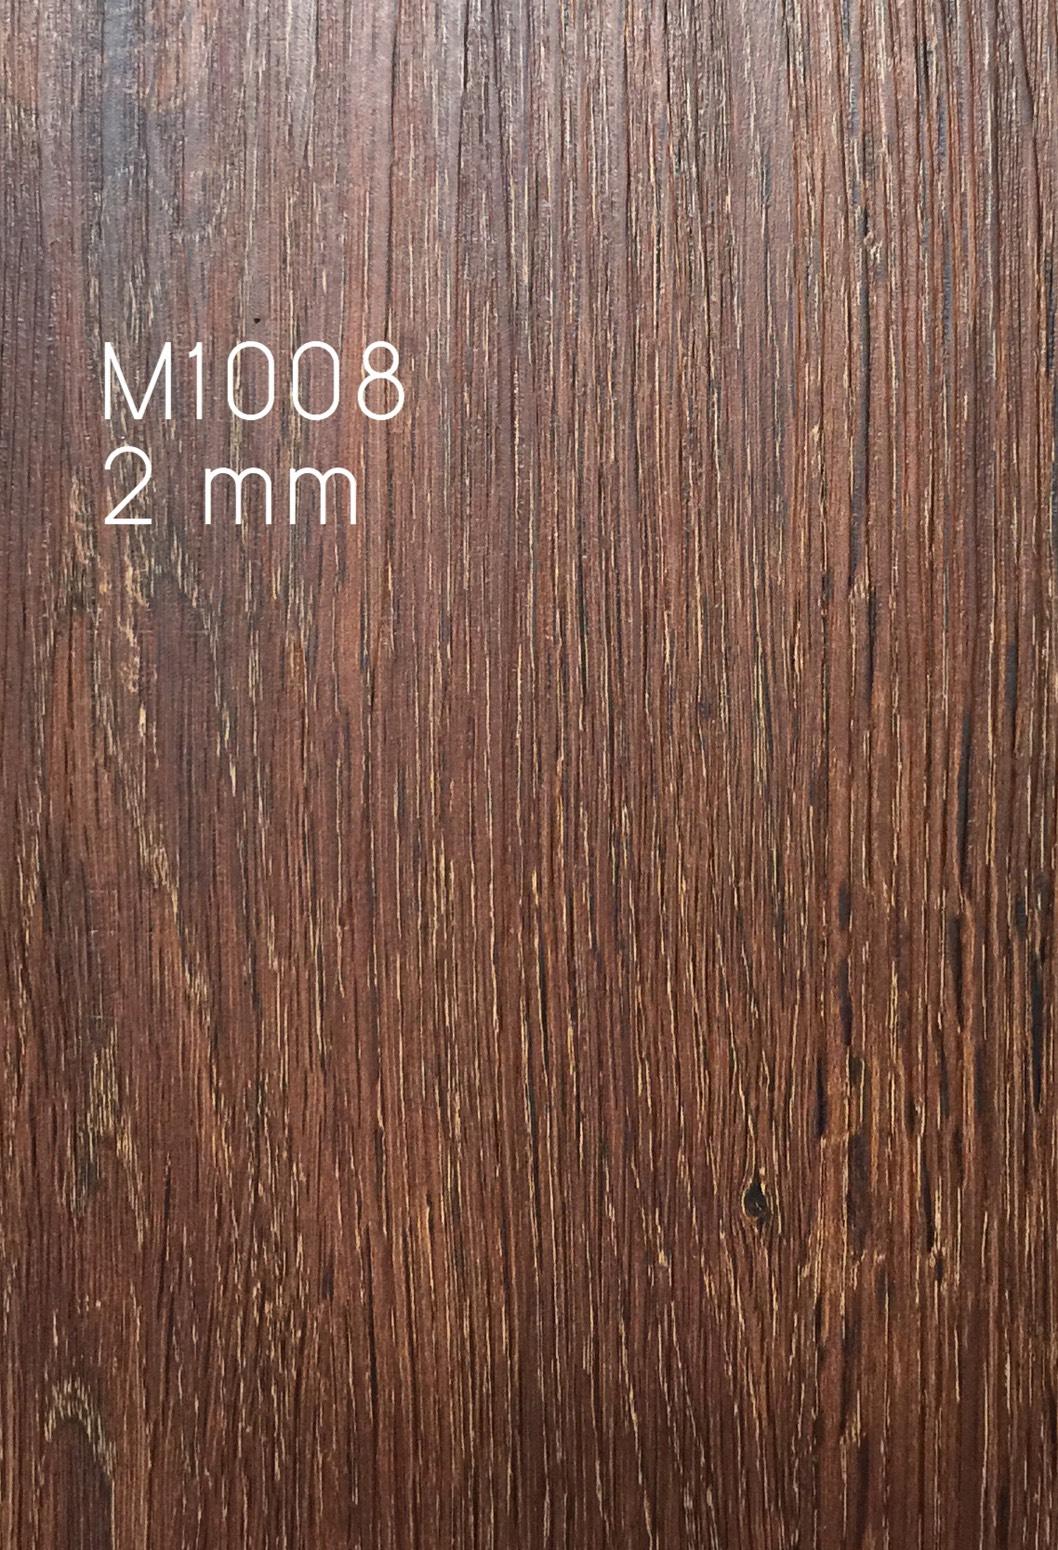 กระเบื้องยางลายไม้ ราคาถูก M1008